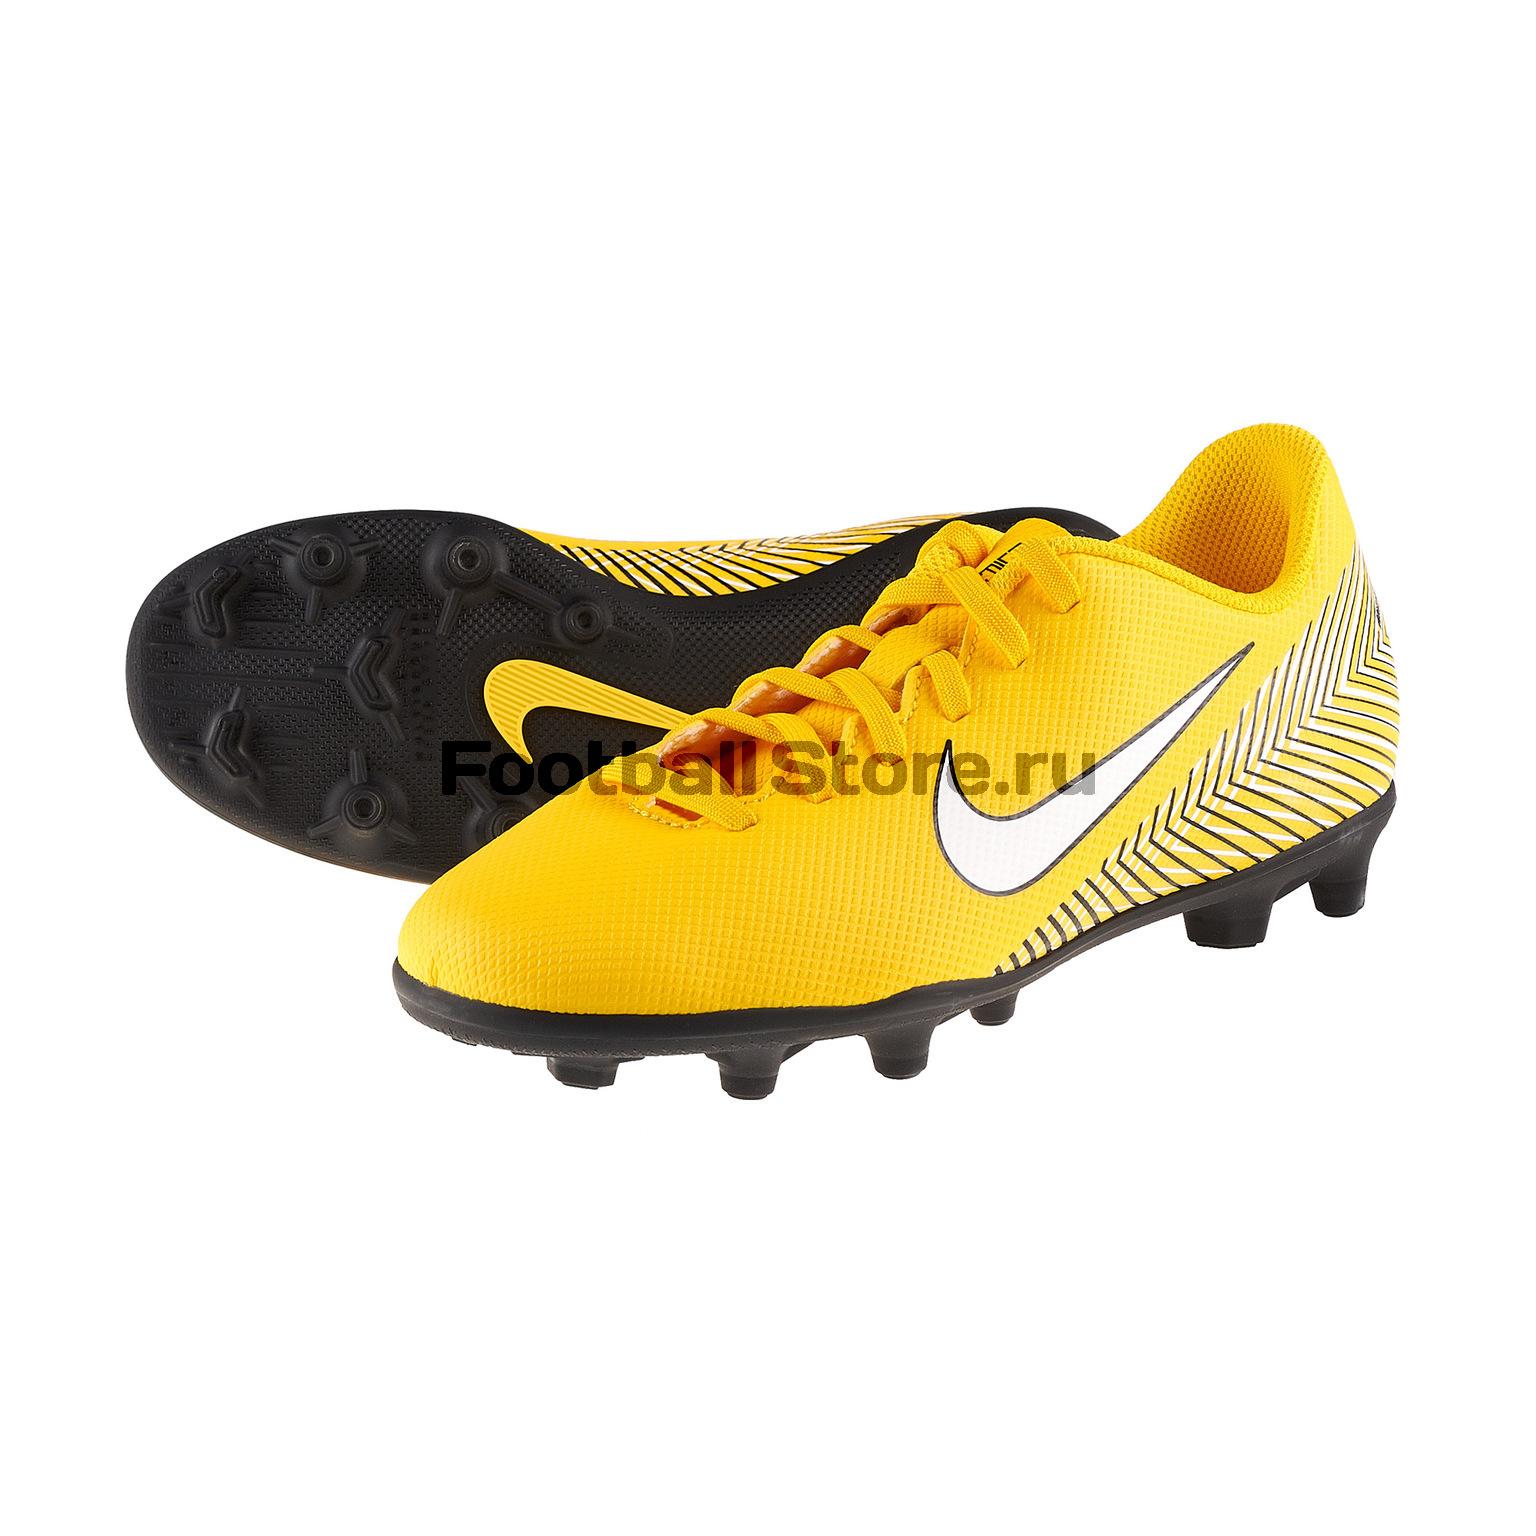 Бутсы детские Nike Vapor 12 Club Neymar FG/MG AO9472-710 бутсы детские nike phantom vision club fg mg ao3288 060